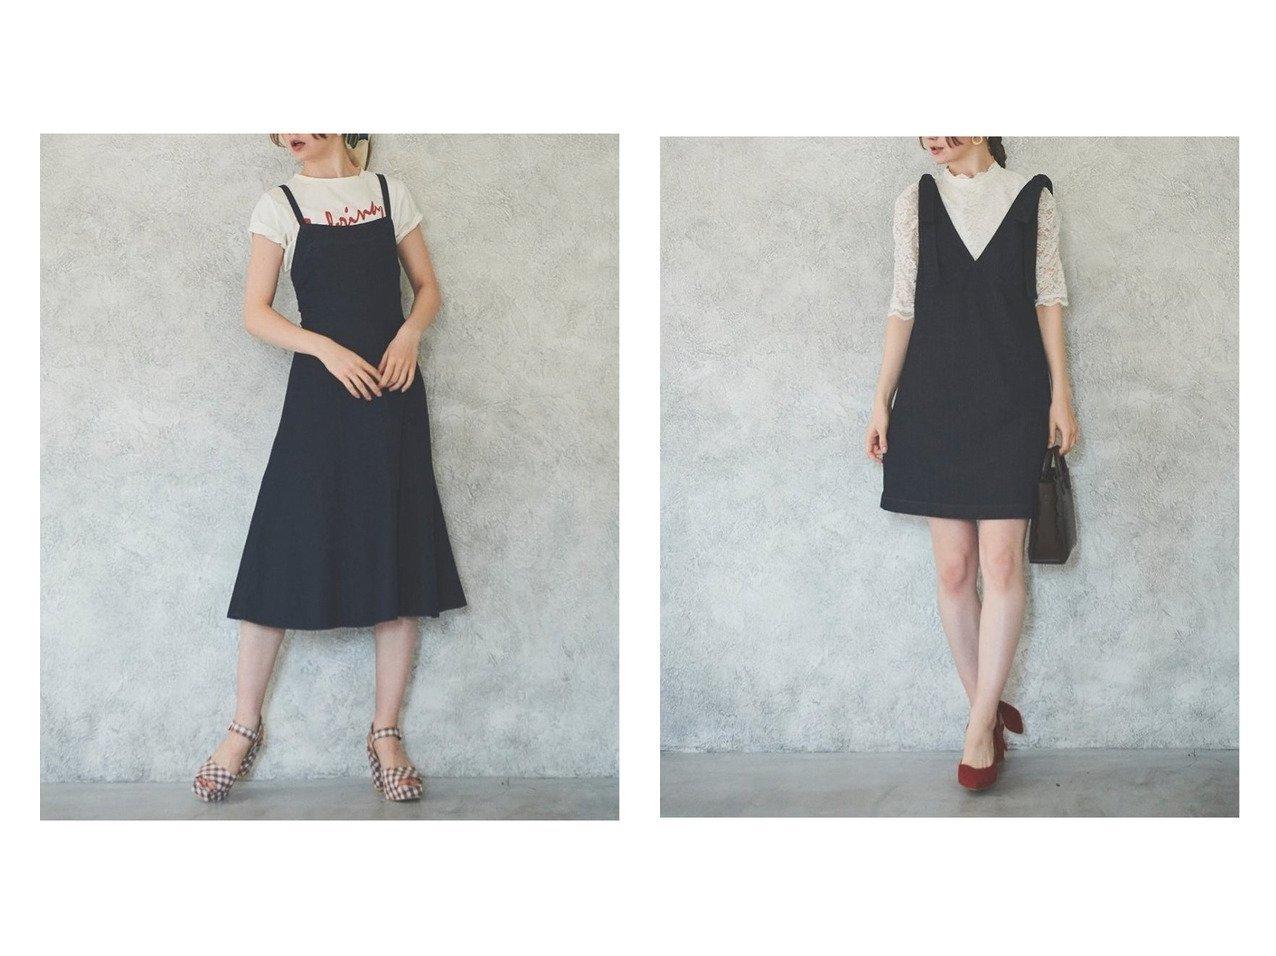 【31 Sons de mode/トランテアン ソン ドゥ モード】のフレアデニムジャンスカ&リボンショルダーデニムミニワンピース ワンピース・ドレスのおすすめ!人気、トレンド・レディースファッションの通販  おすすめで人気の流行・トレンド、ファッションの通販商品 メンズファッション・キッズファッション・インテリア・家具・レディースファッション・服の通販 founy(ファニー) https://founy.com/ ファッション Fashion レディースファッション WOMEN ワンピース Dress キャミワンピース No Sleeve Dresses キャミワンピース シンプル フェミニン リブニット リボン レース |ID:crp329100000010081